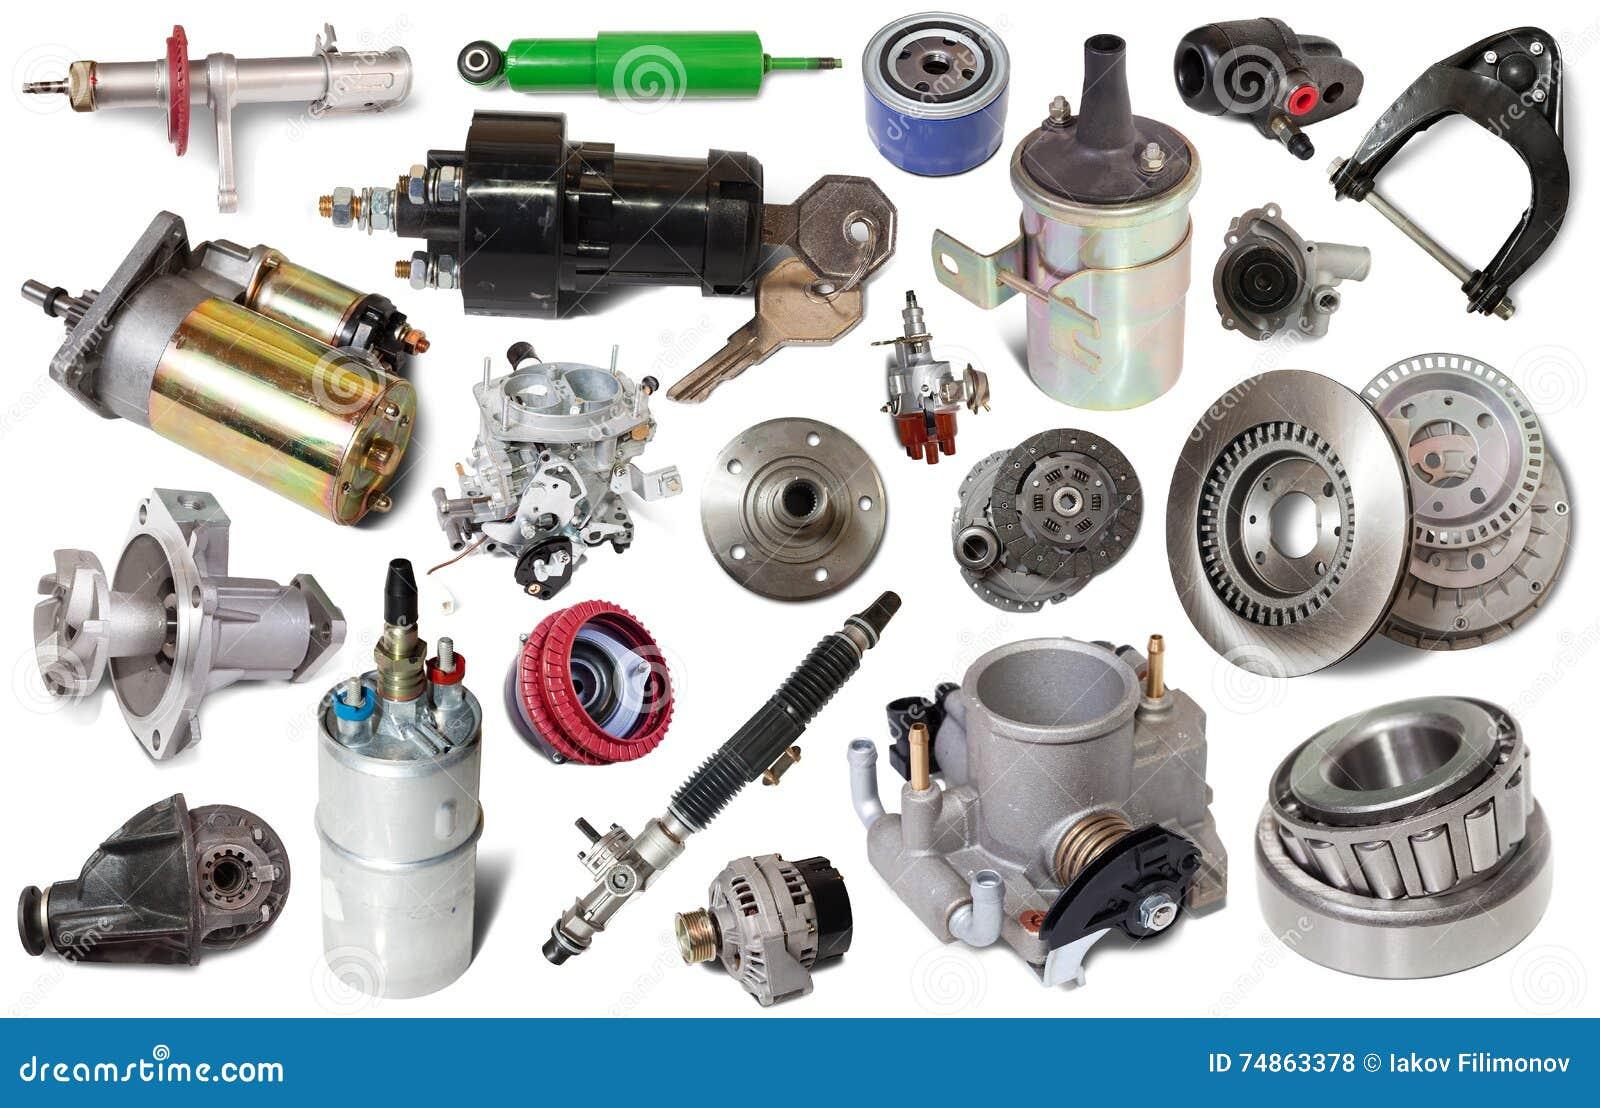 Parti Di Riparazione Dell Automobile Isolate Fotografia Stock Immagine Di Cantilever Meccanico 74863378